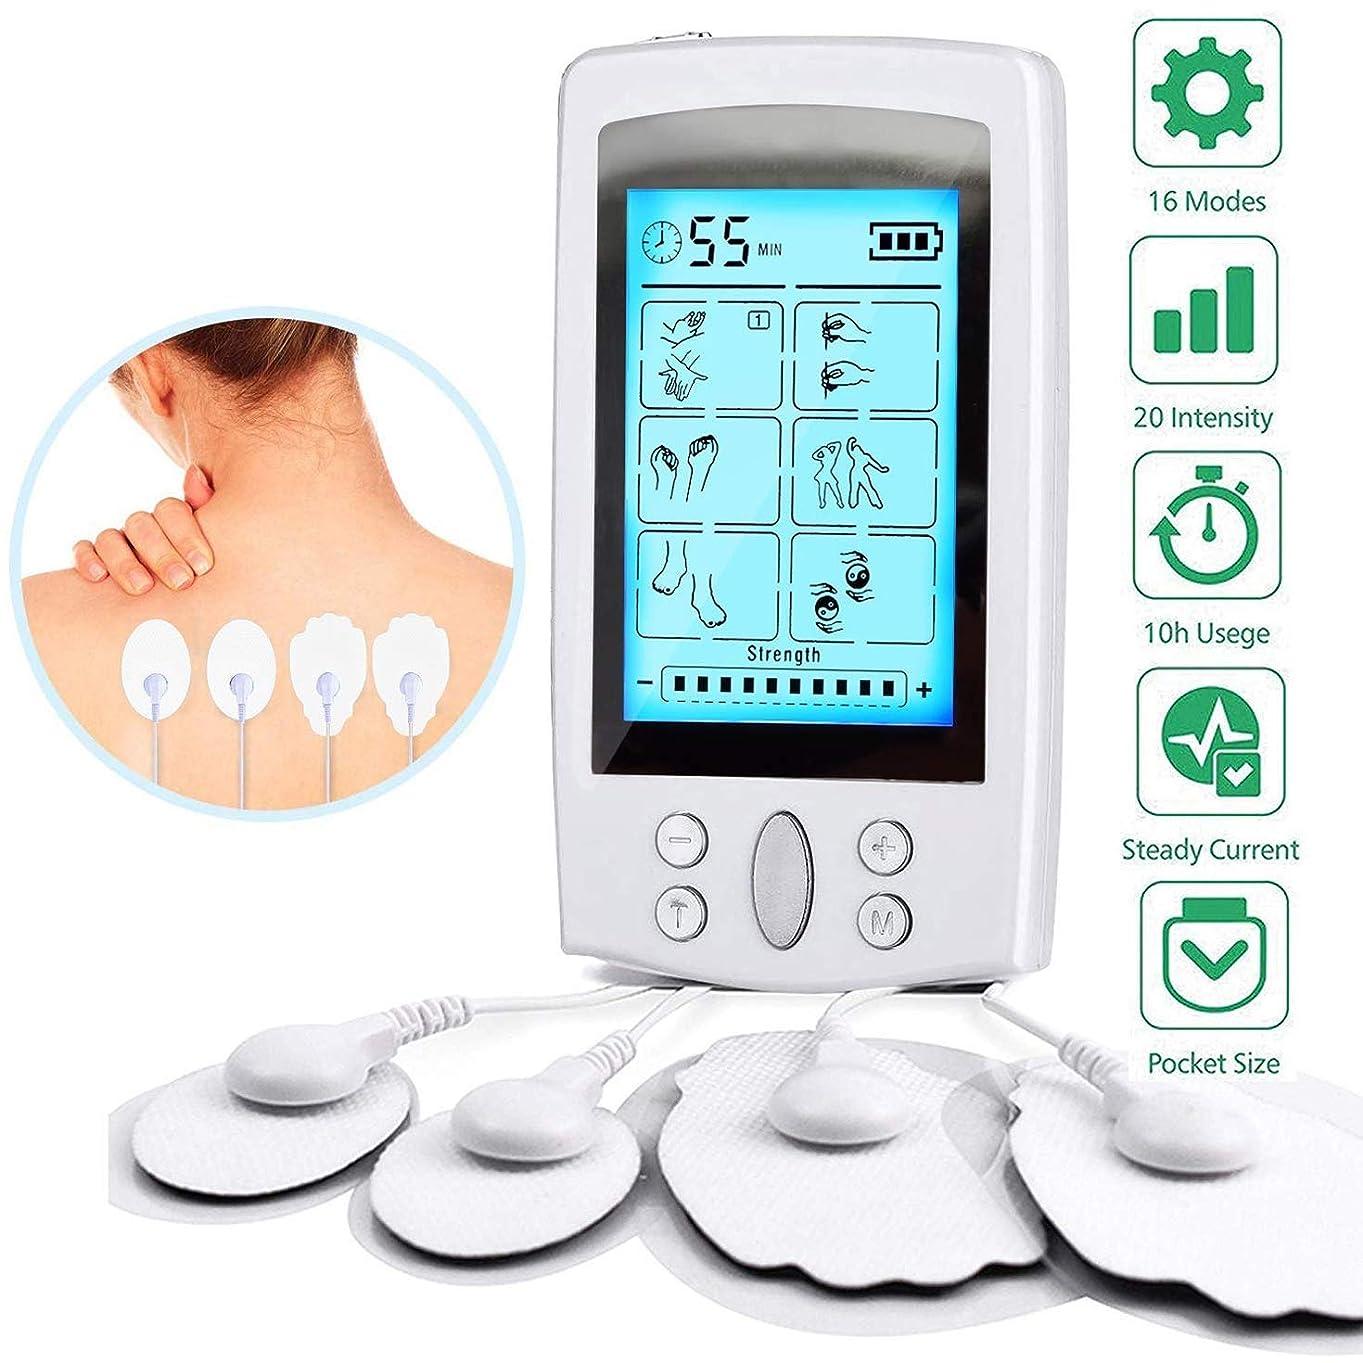 シャワー交通制限する電子筋肉刺激物機械、線維筋痛症/関節炎/肩/神経/首/背中の痛みの軽減のリハビリテーションのための10の単位の脈拍機械